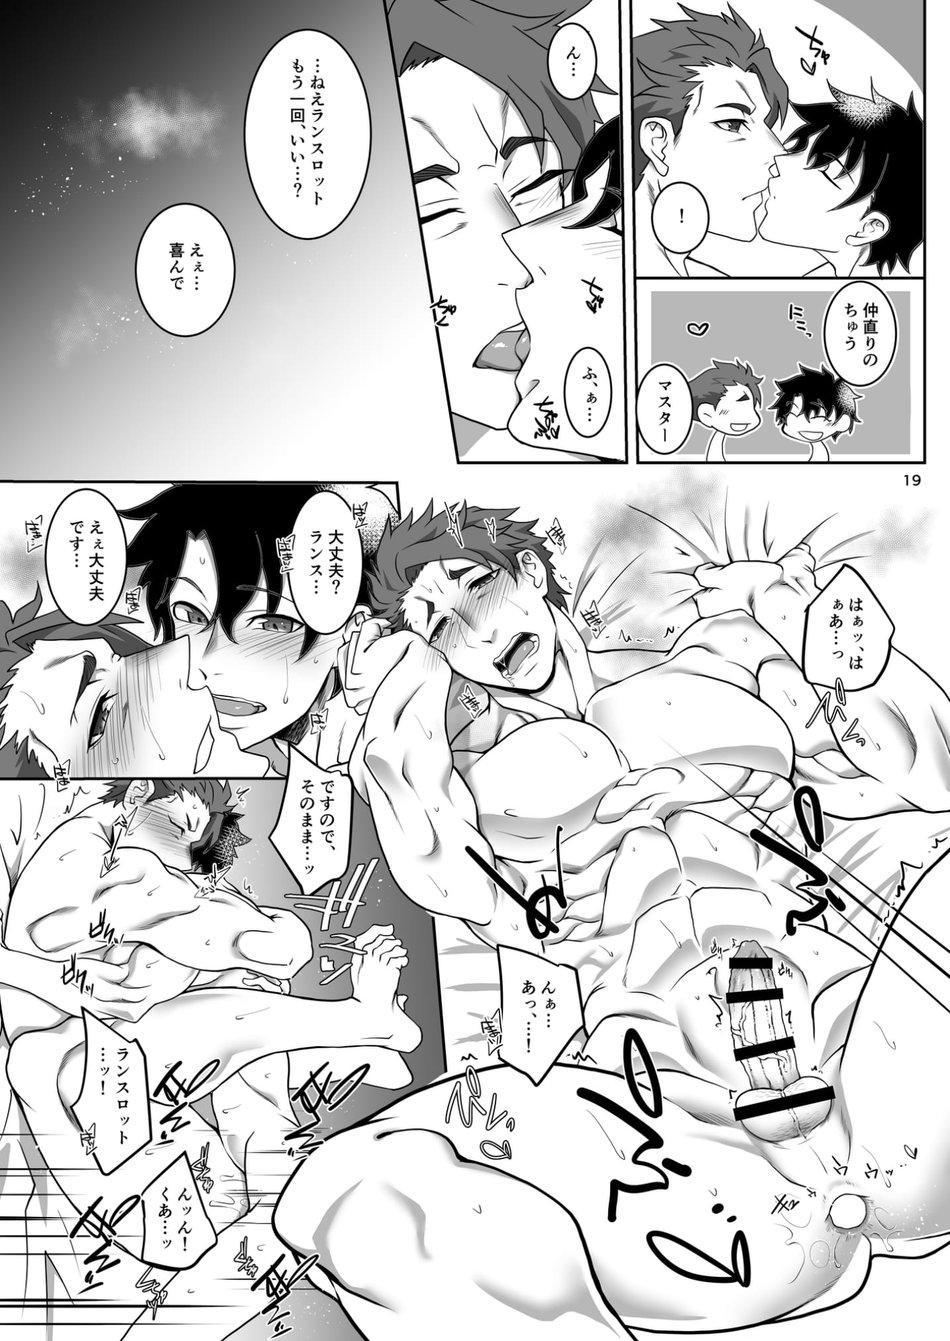 Bed in Lancelot 17